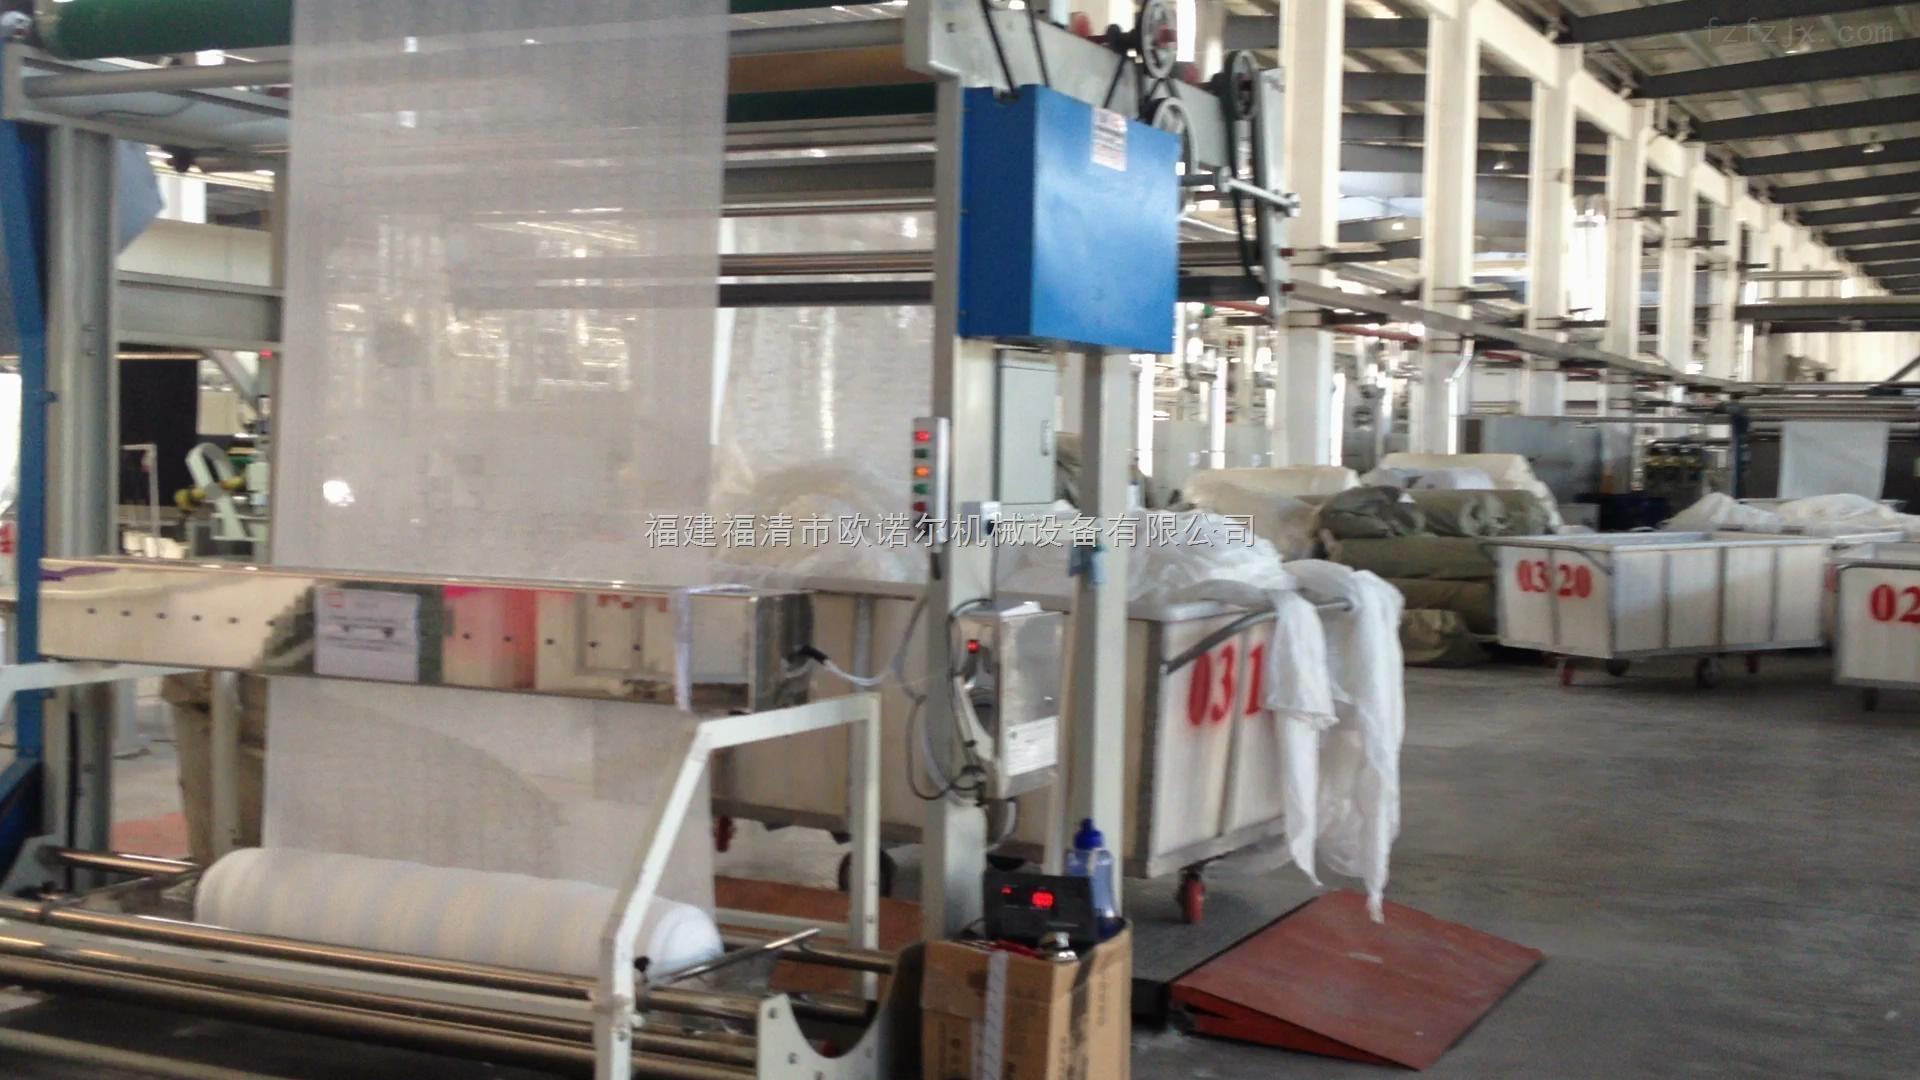 ND-1800WCD-南通纺织 印染厂专用金属检测仪